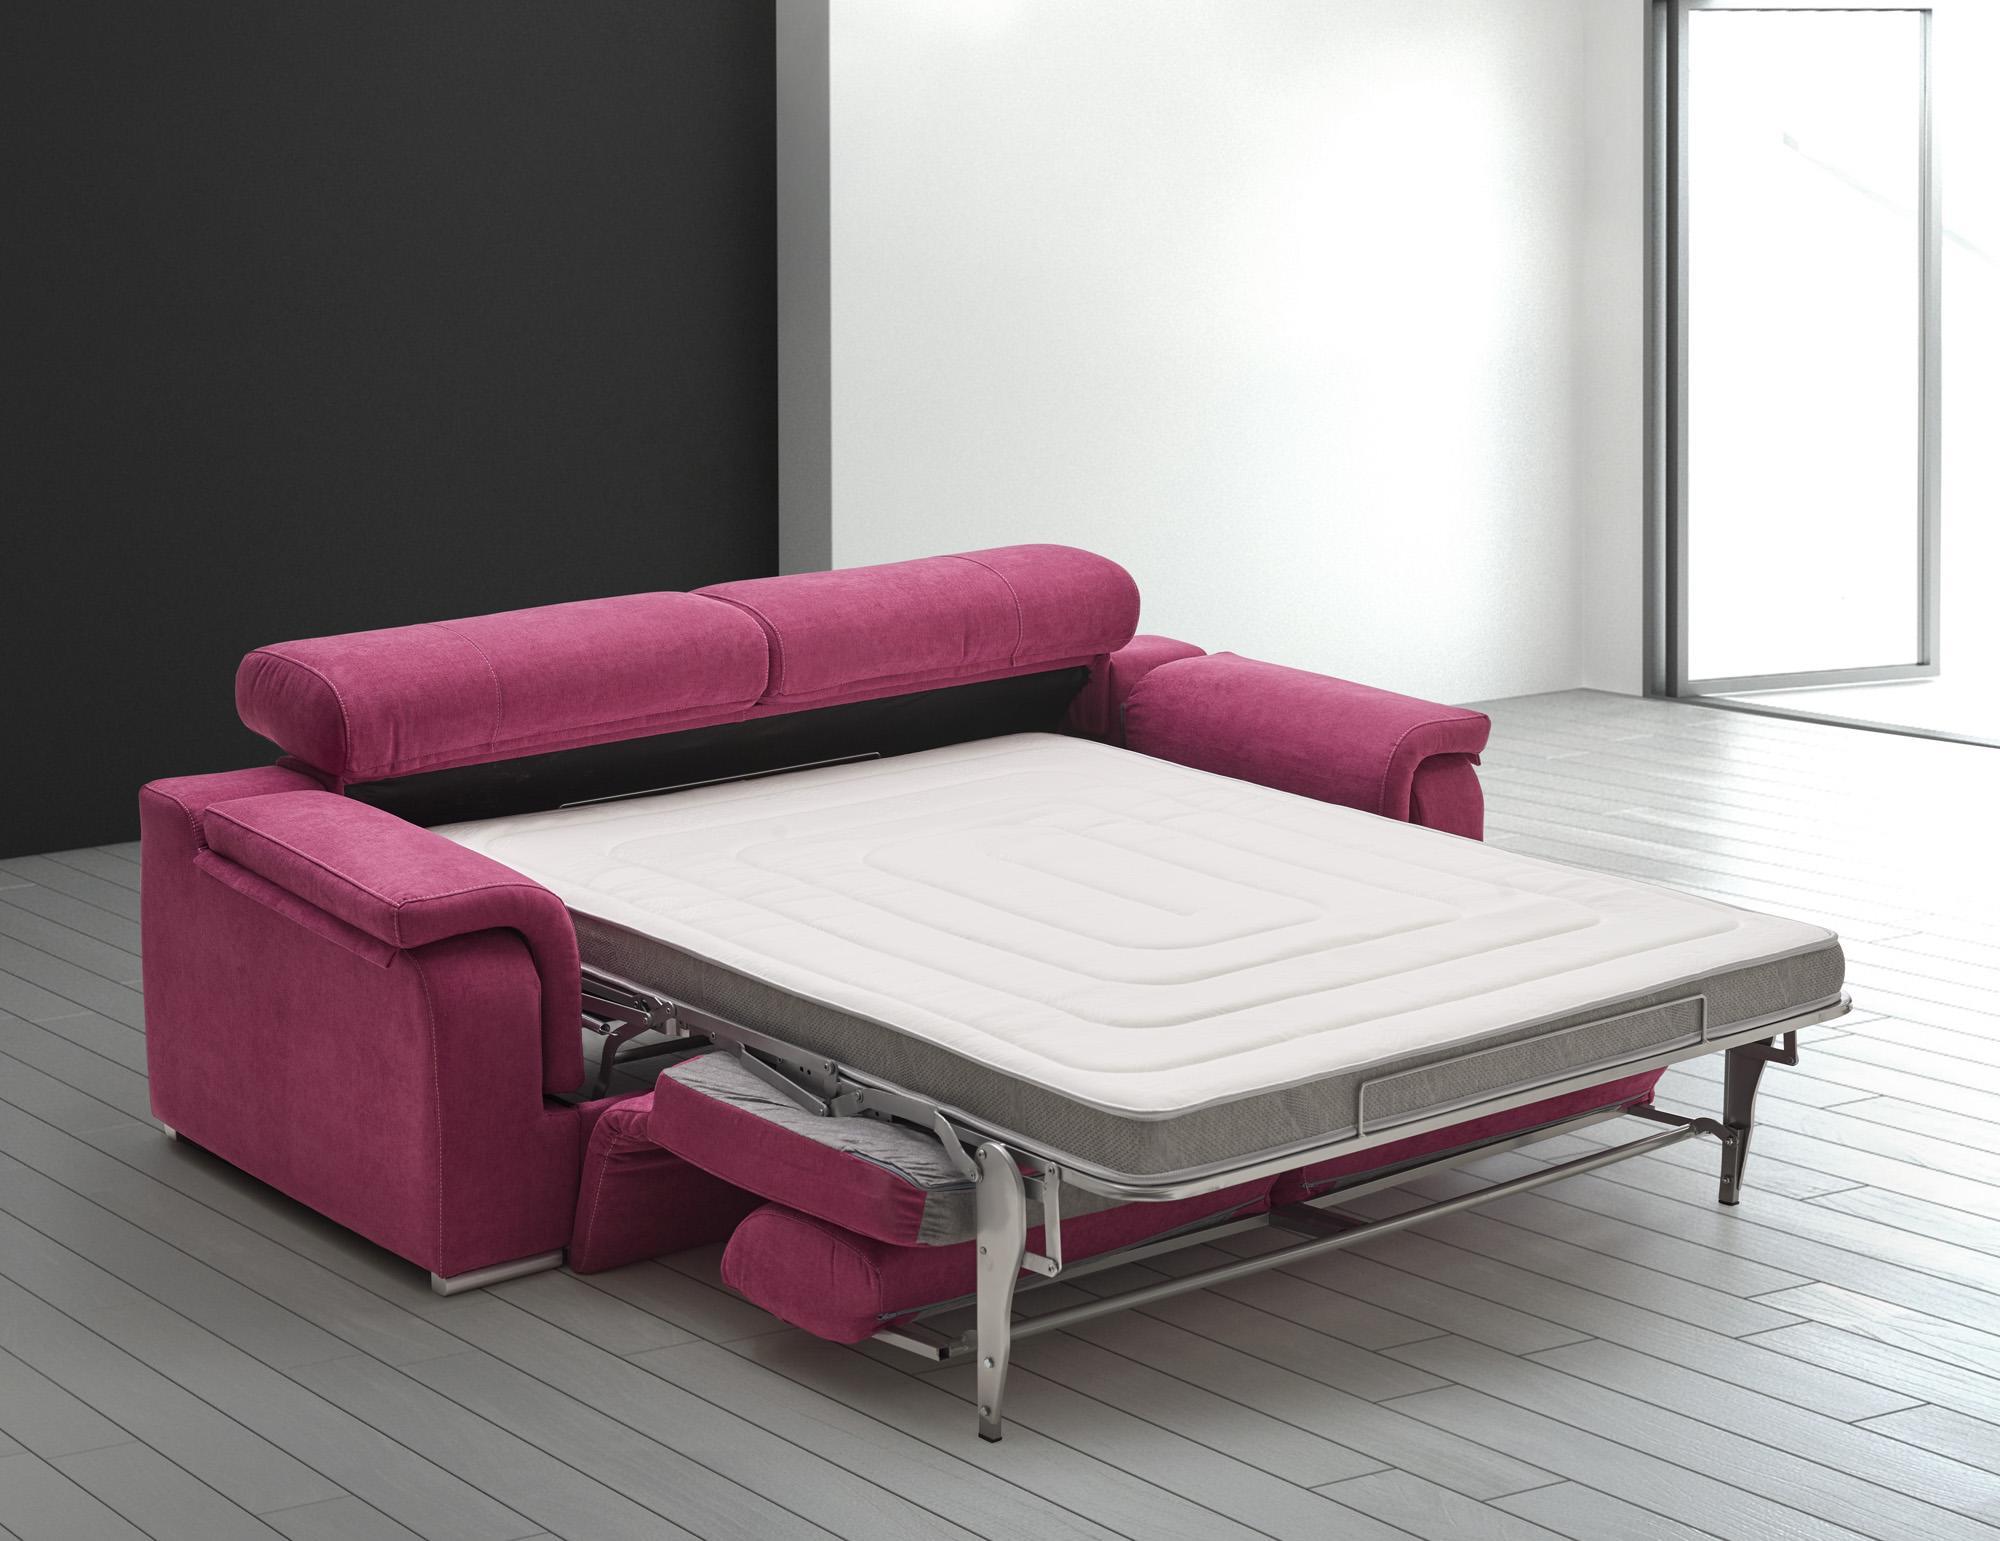 Sofá cama desplegable modelo Croacia de Noryk